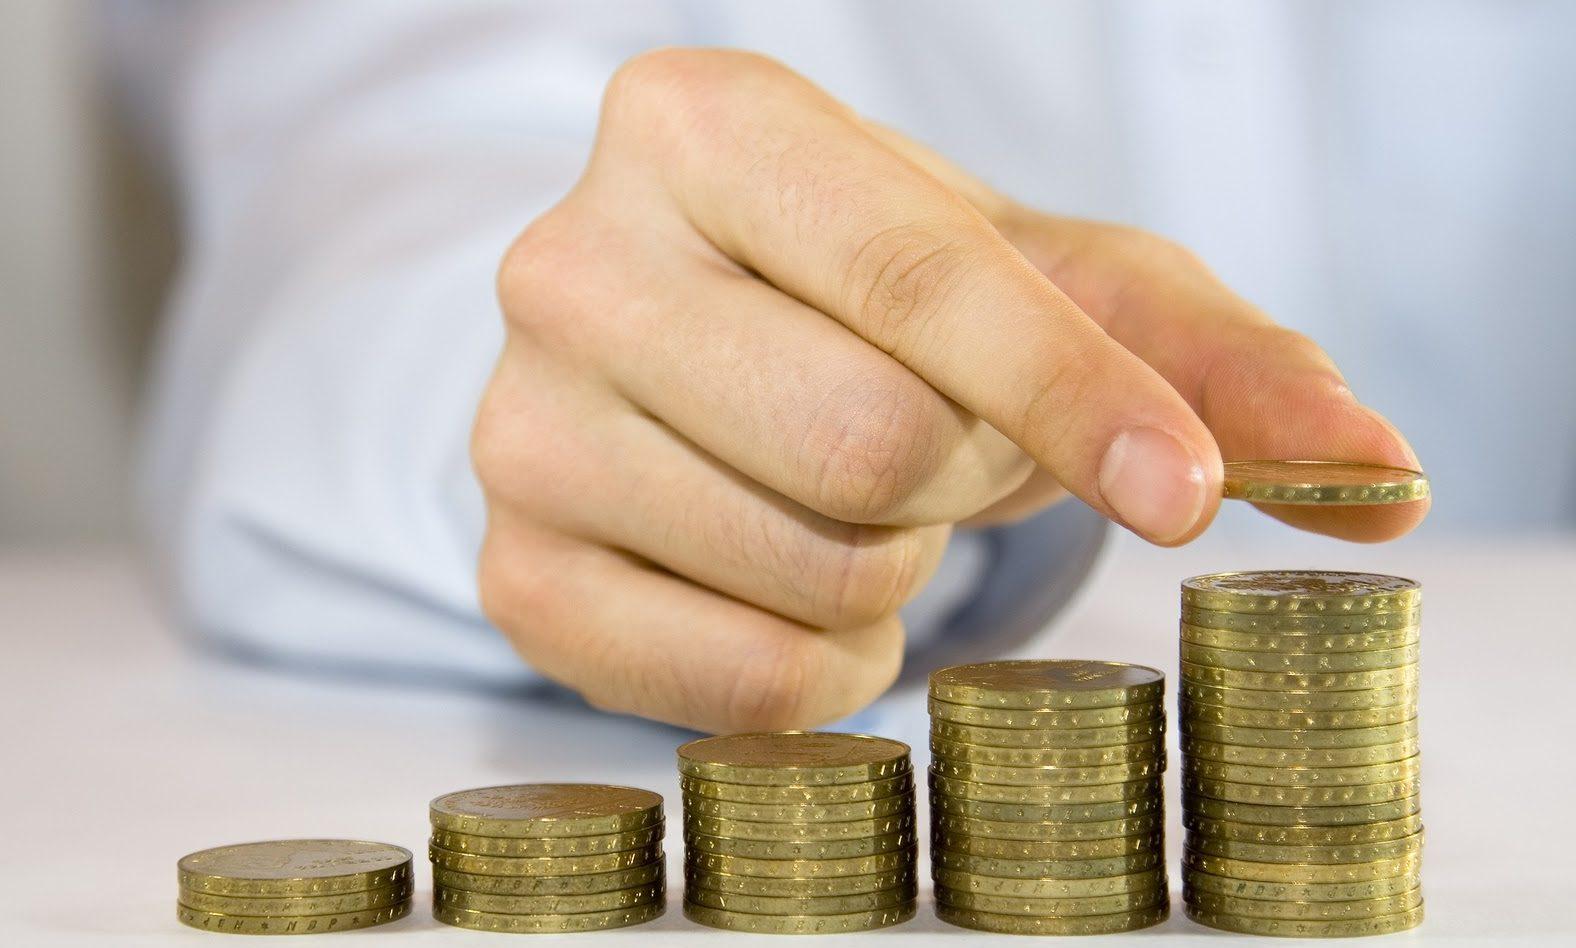 hogyan lehet pénzt keresni hozzájárulásuk nélkül